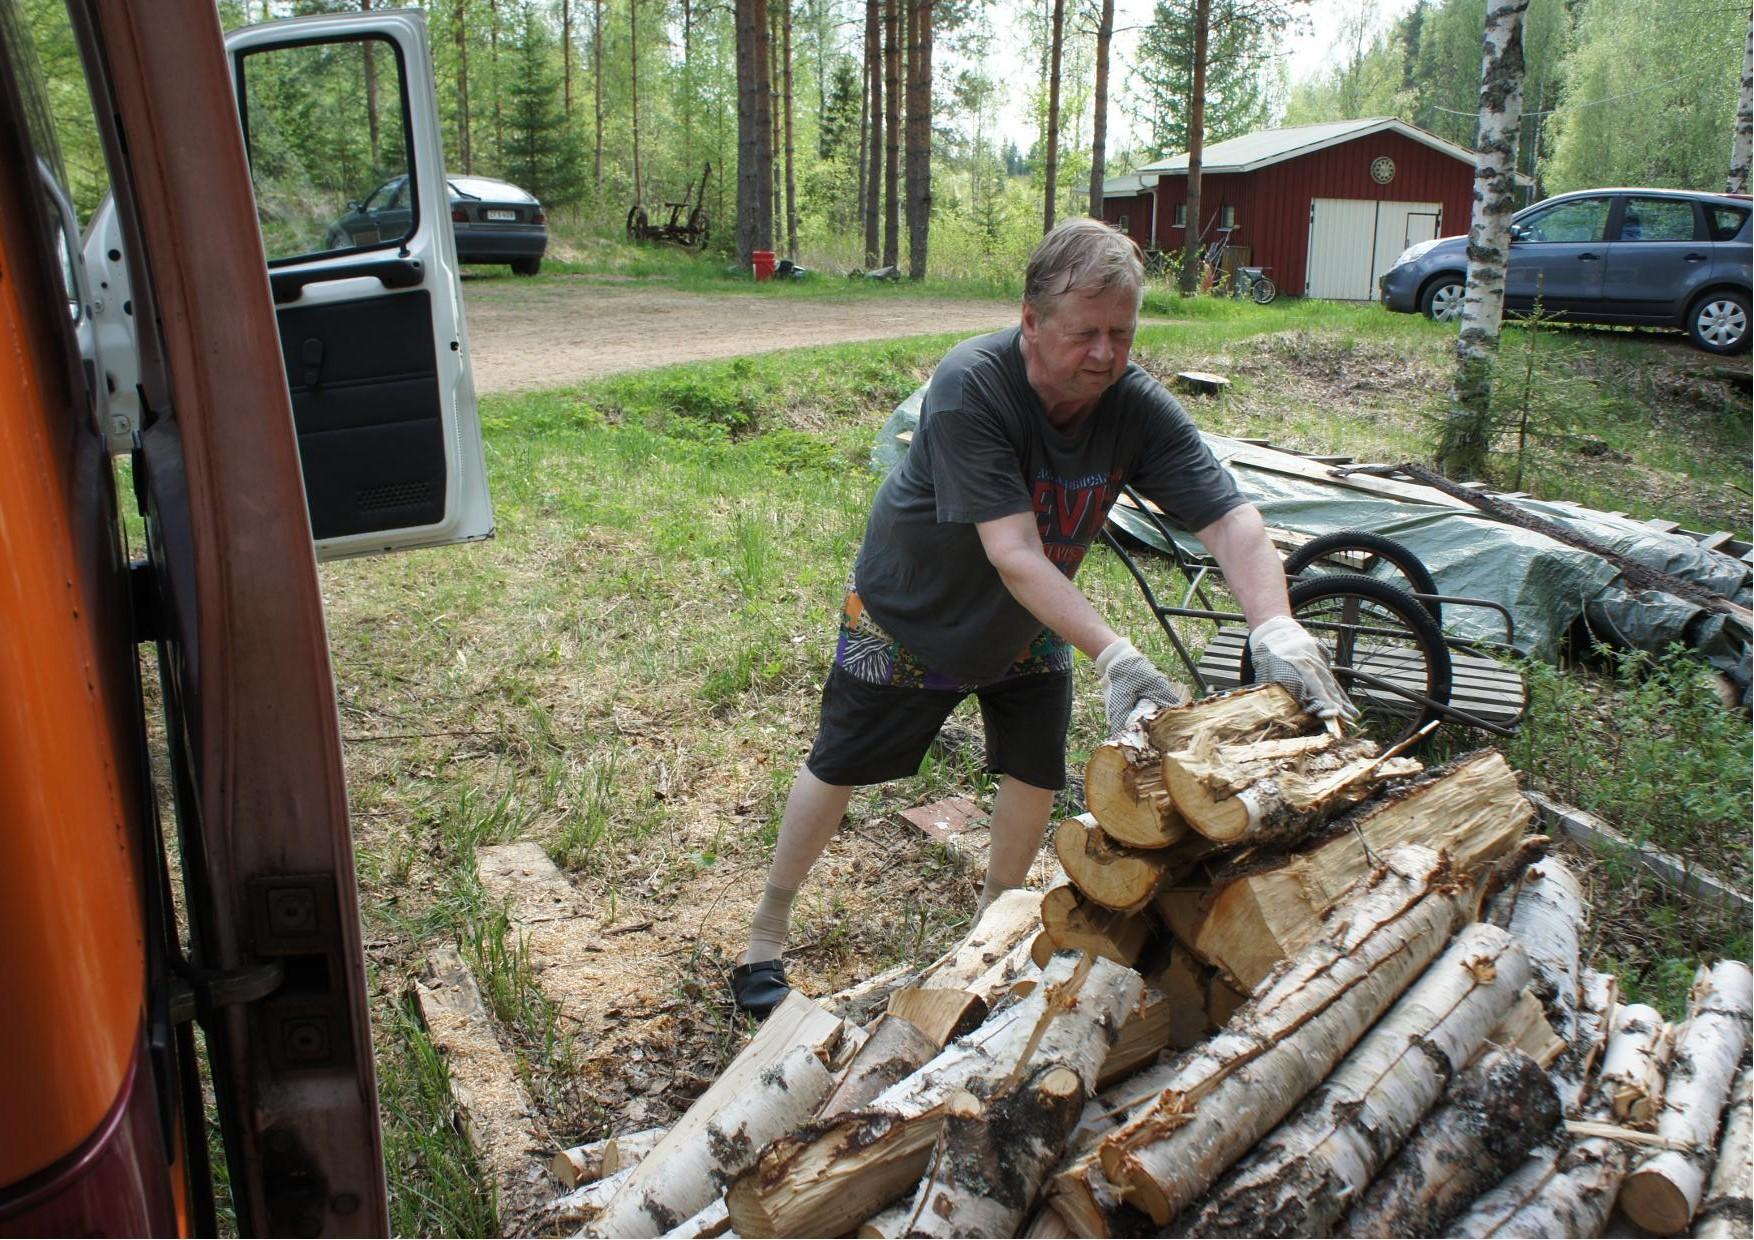 Muusikko Raimo Jokisalmi lastaa puuta, jotka toimitettiin hänen kotitilaltaan Kiuruveden makasiinille.